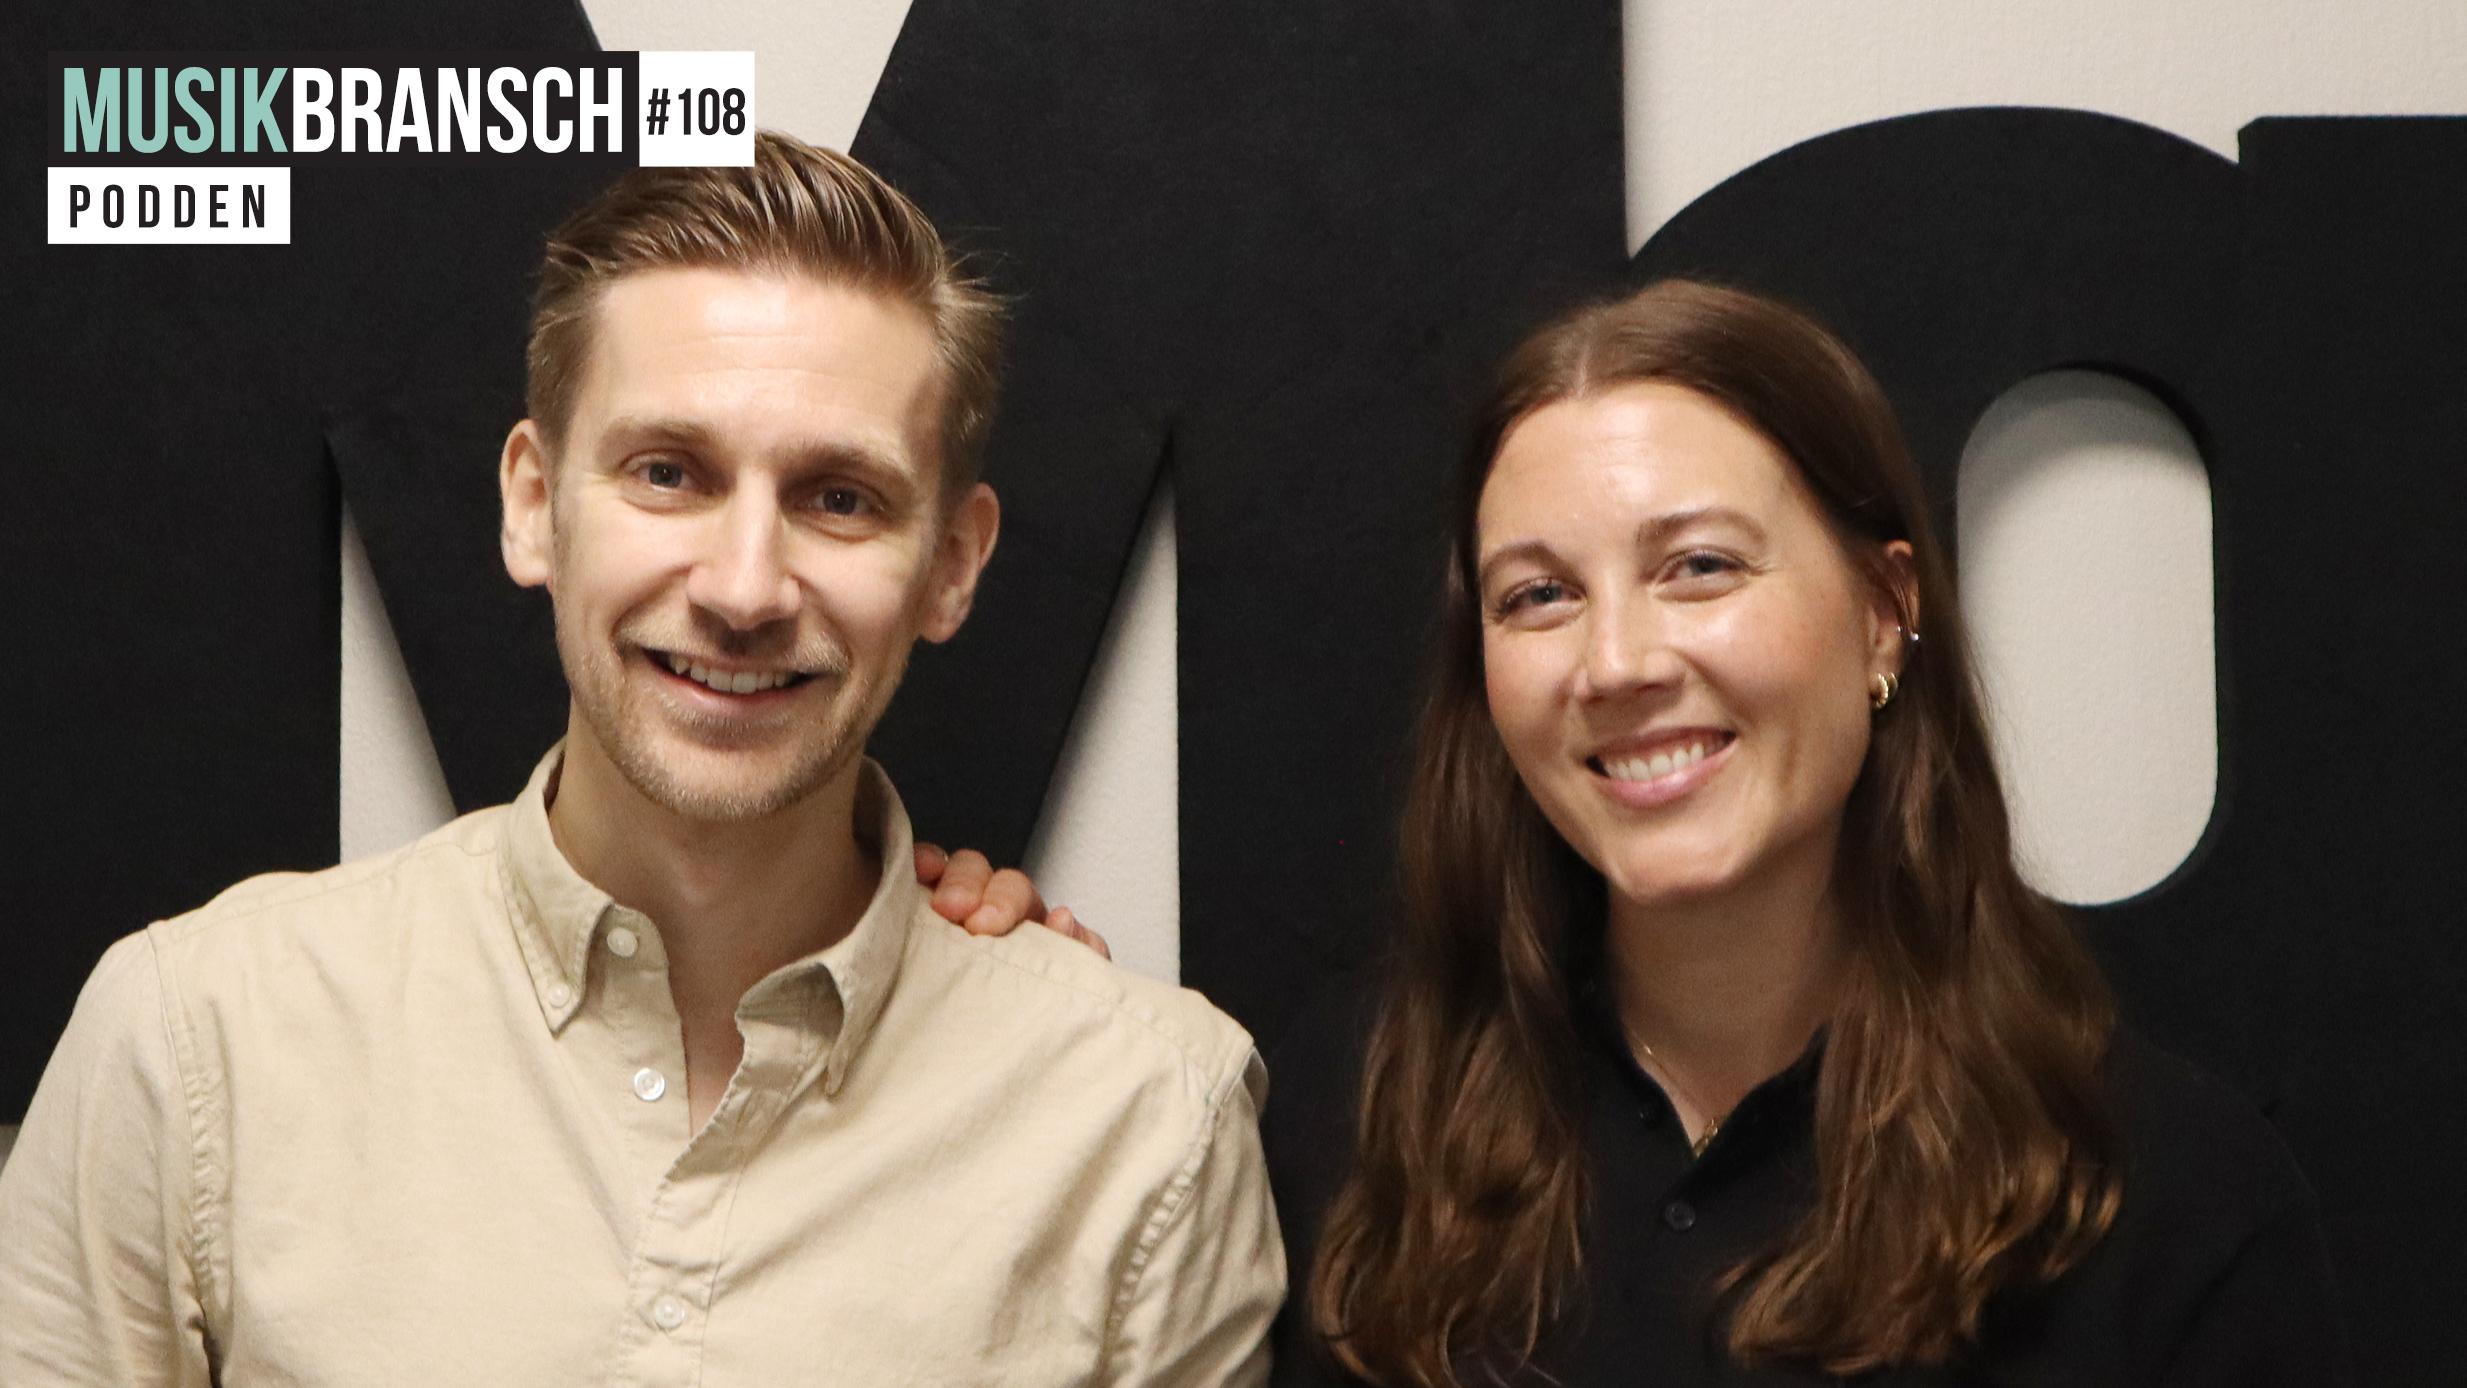 108. Från PR inom mode till musikbranschen - Lina Kellgren, Universal Music